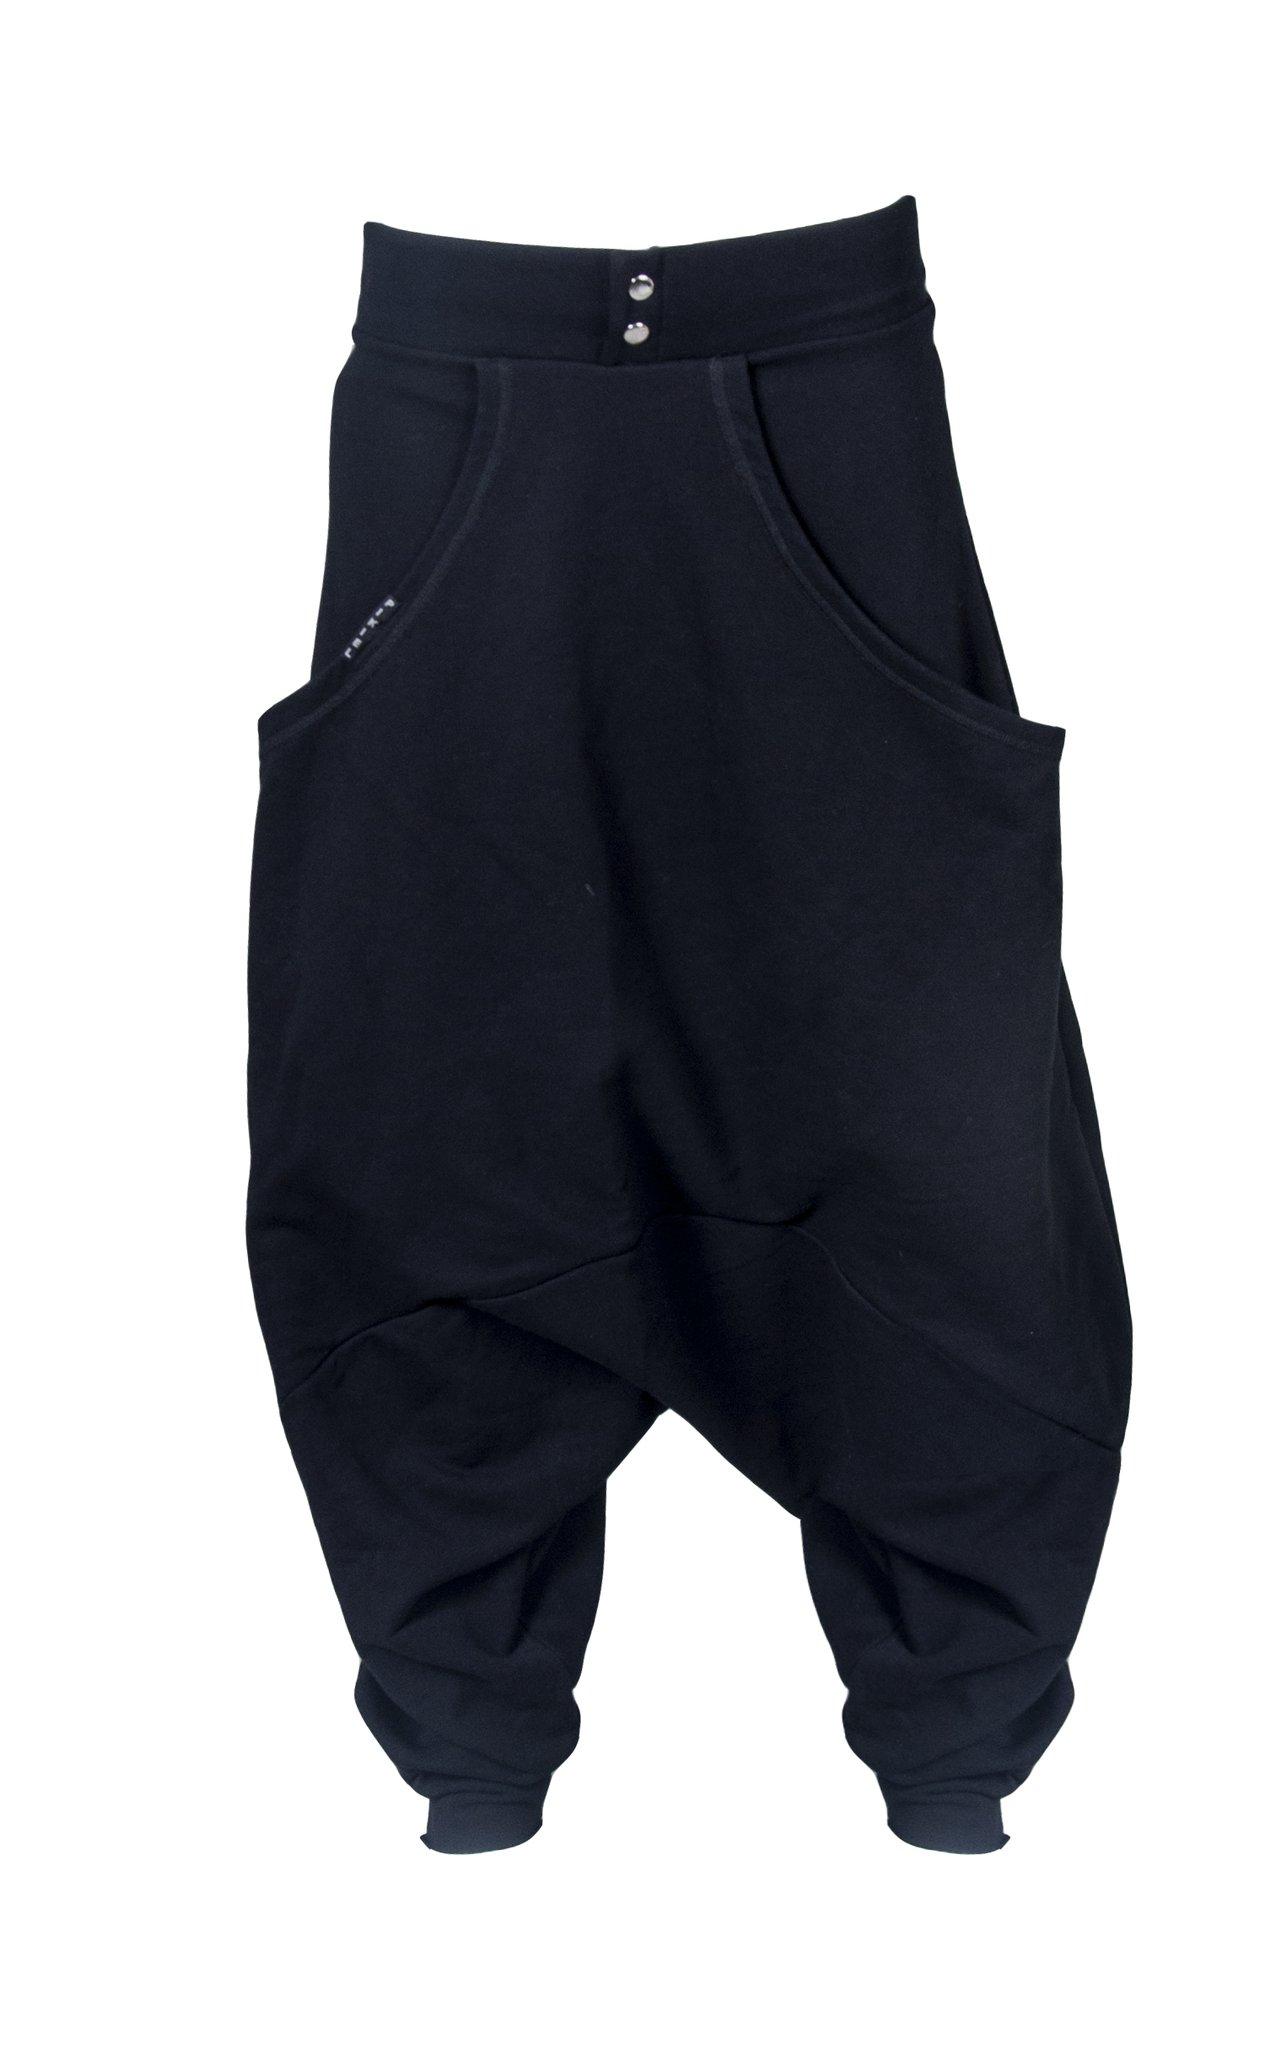 Dzianinowe Czarne Spodnie AICHI - PIKIEL